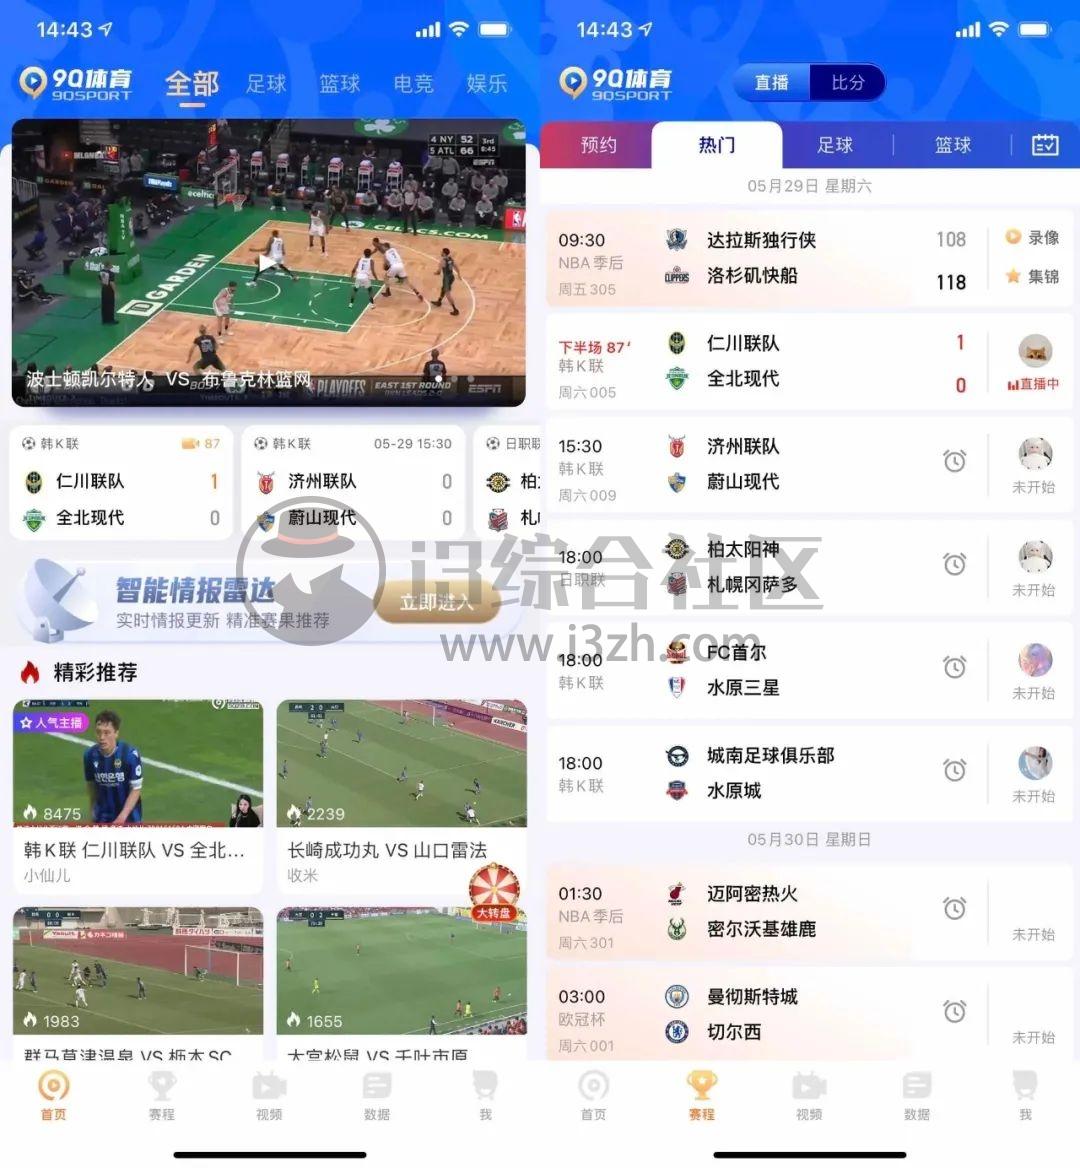 9球直播App,各种赛事想看就看,能满足90%男人的需求!-i3综合社区